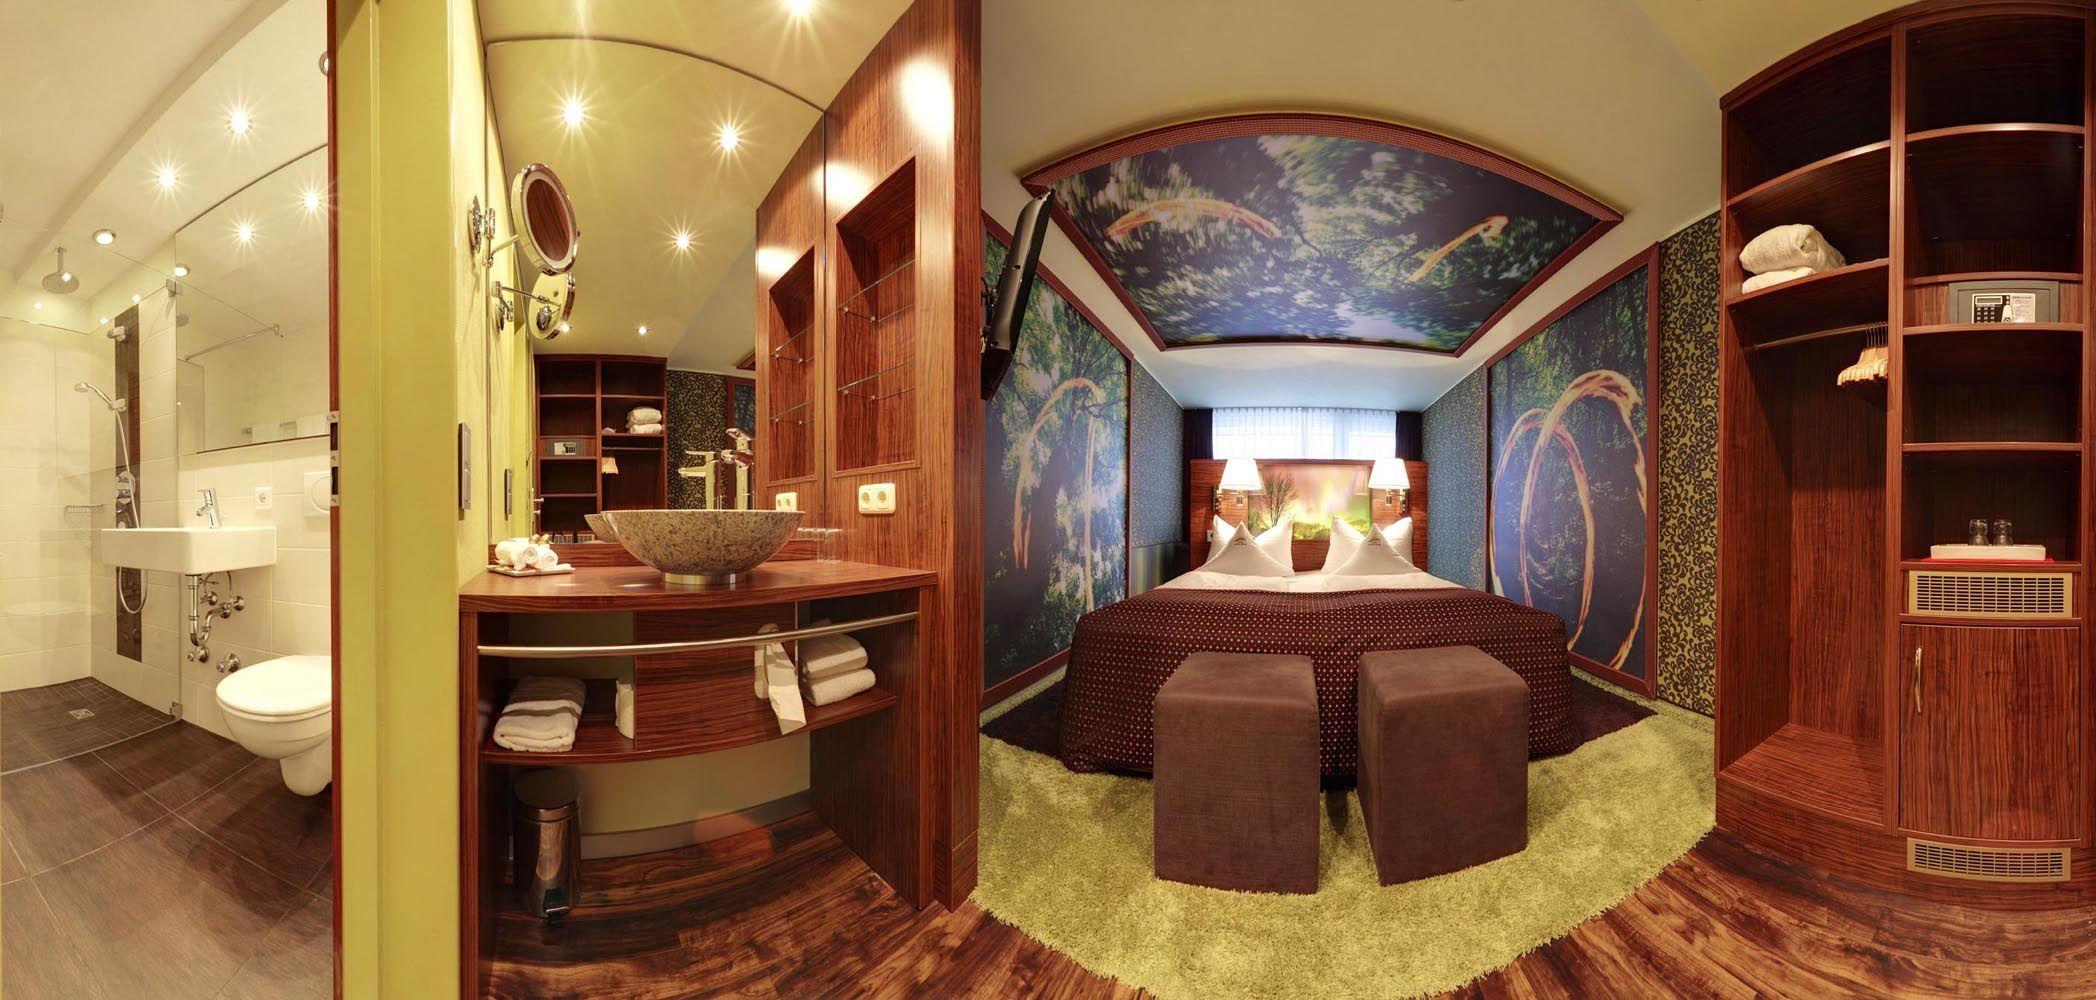 Im Hotel Sonne Ist Unsere Passion Die Liebe Zum Detail Die Designzimmer Verfuhren Jeden Individualist Zum Traumen Https Hotel Sonne Hotel Neuschwanstein